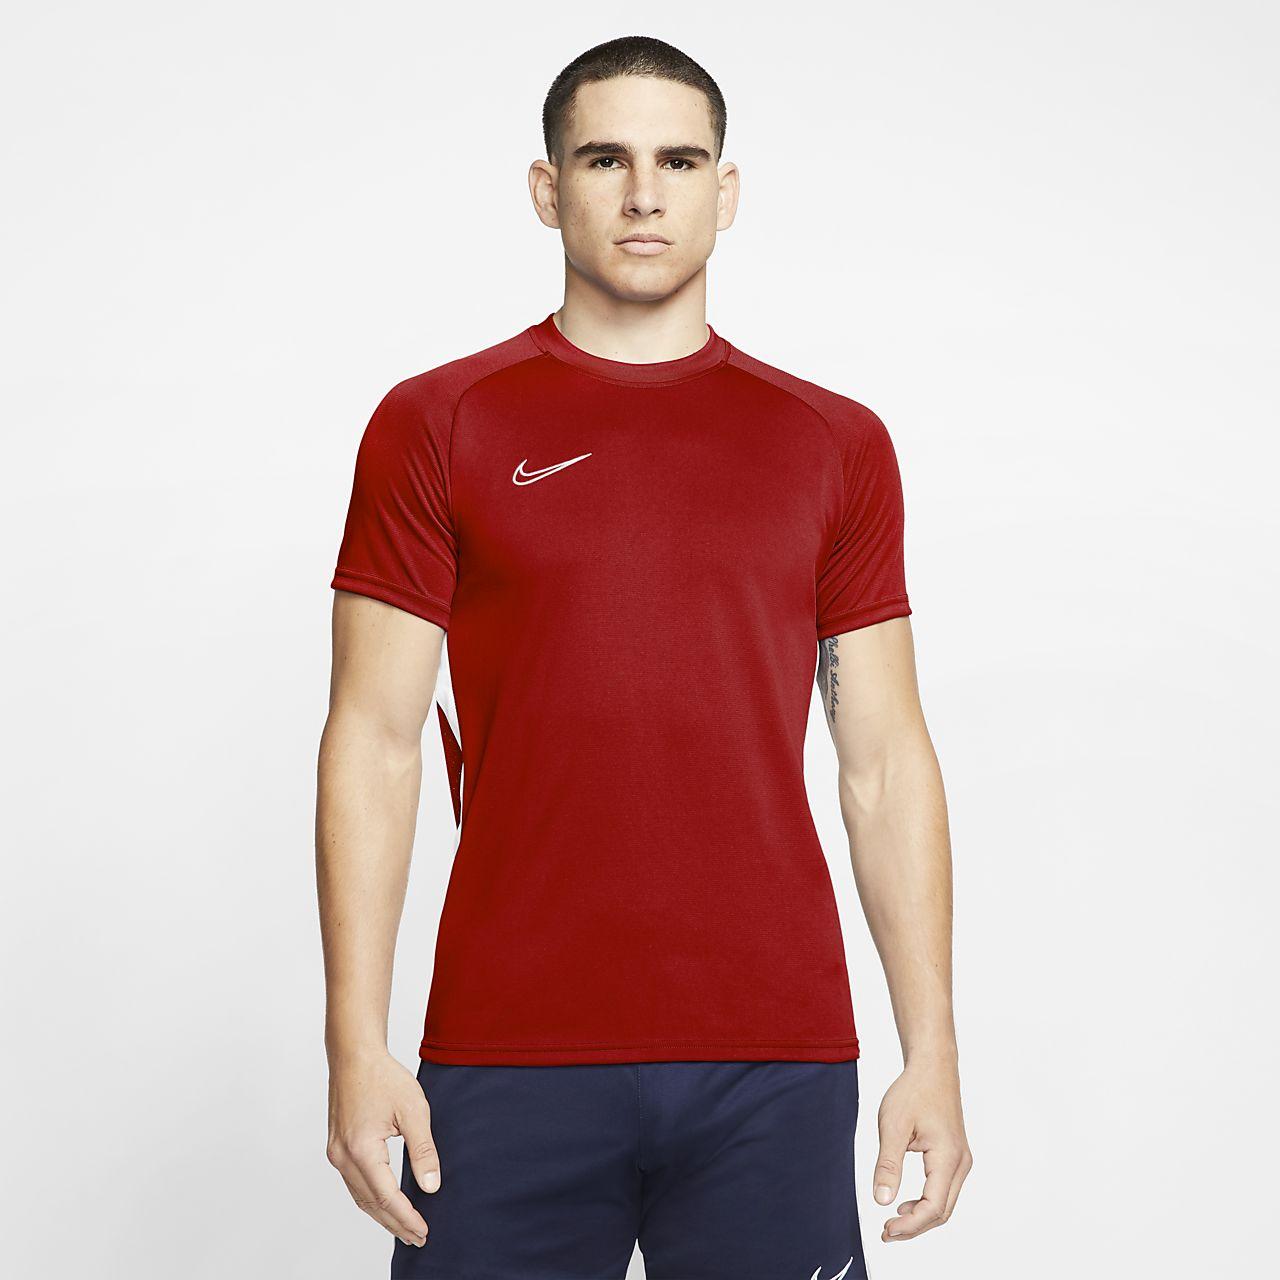 Nike Dri-FIT Academy Voetbaltop met korte mouwen voor heren